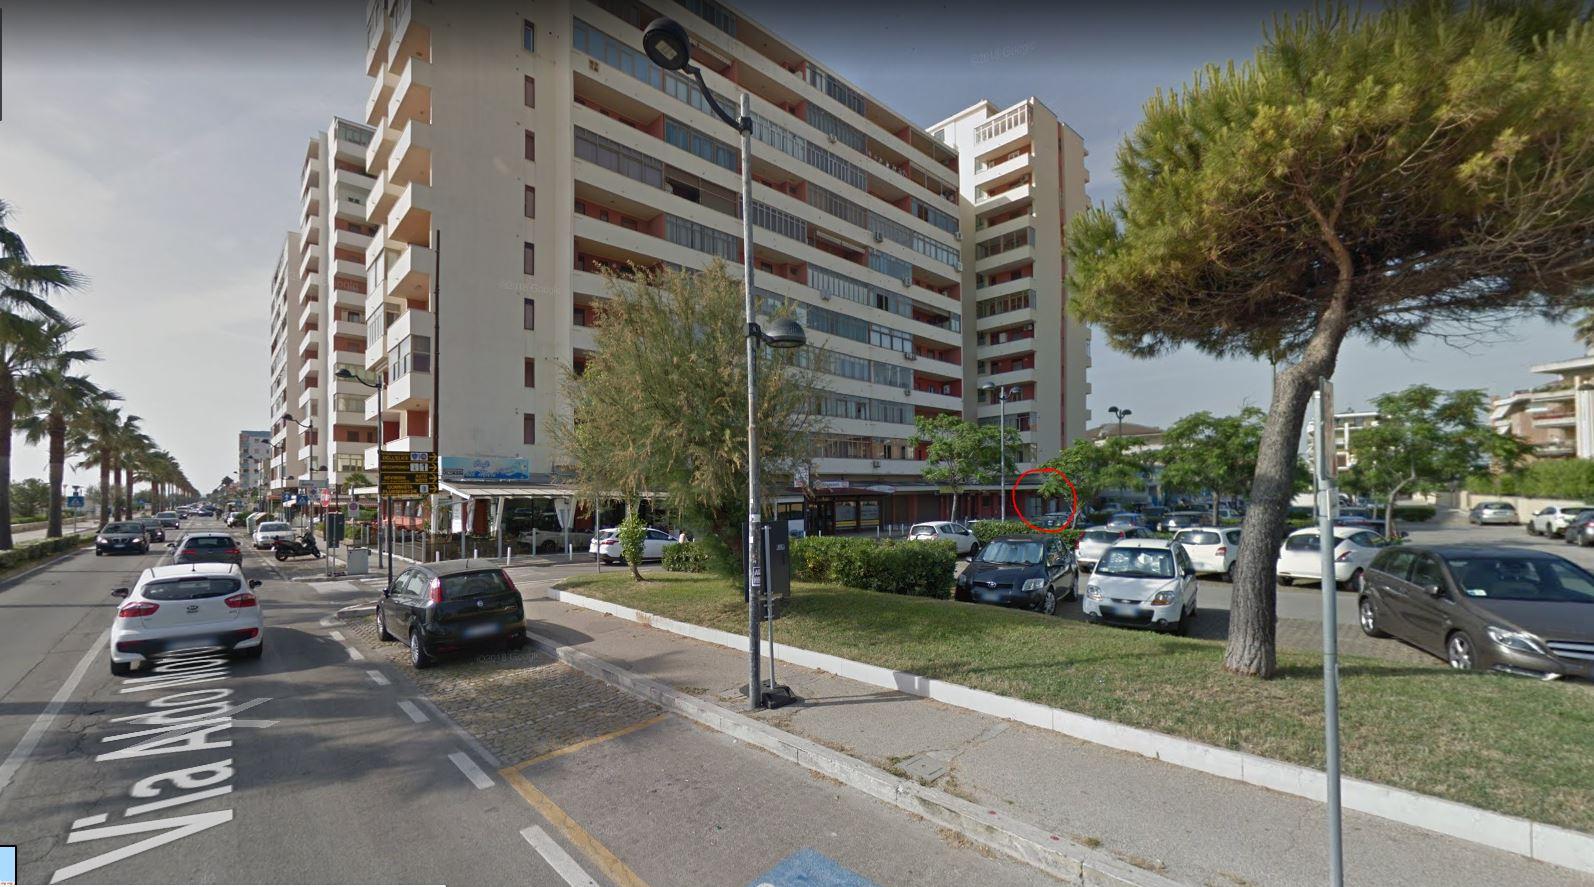 Negozio / Locale in vendita a Montesilvano, 9999 locali, zona Località: mare, prezzo € 38.000 | CambioCasa.it